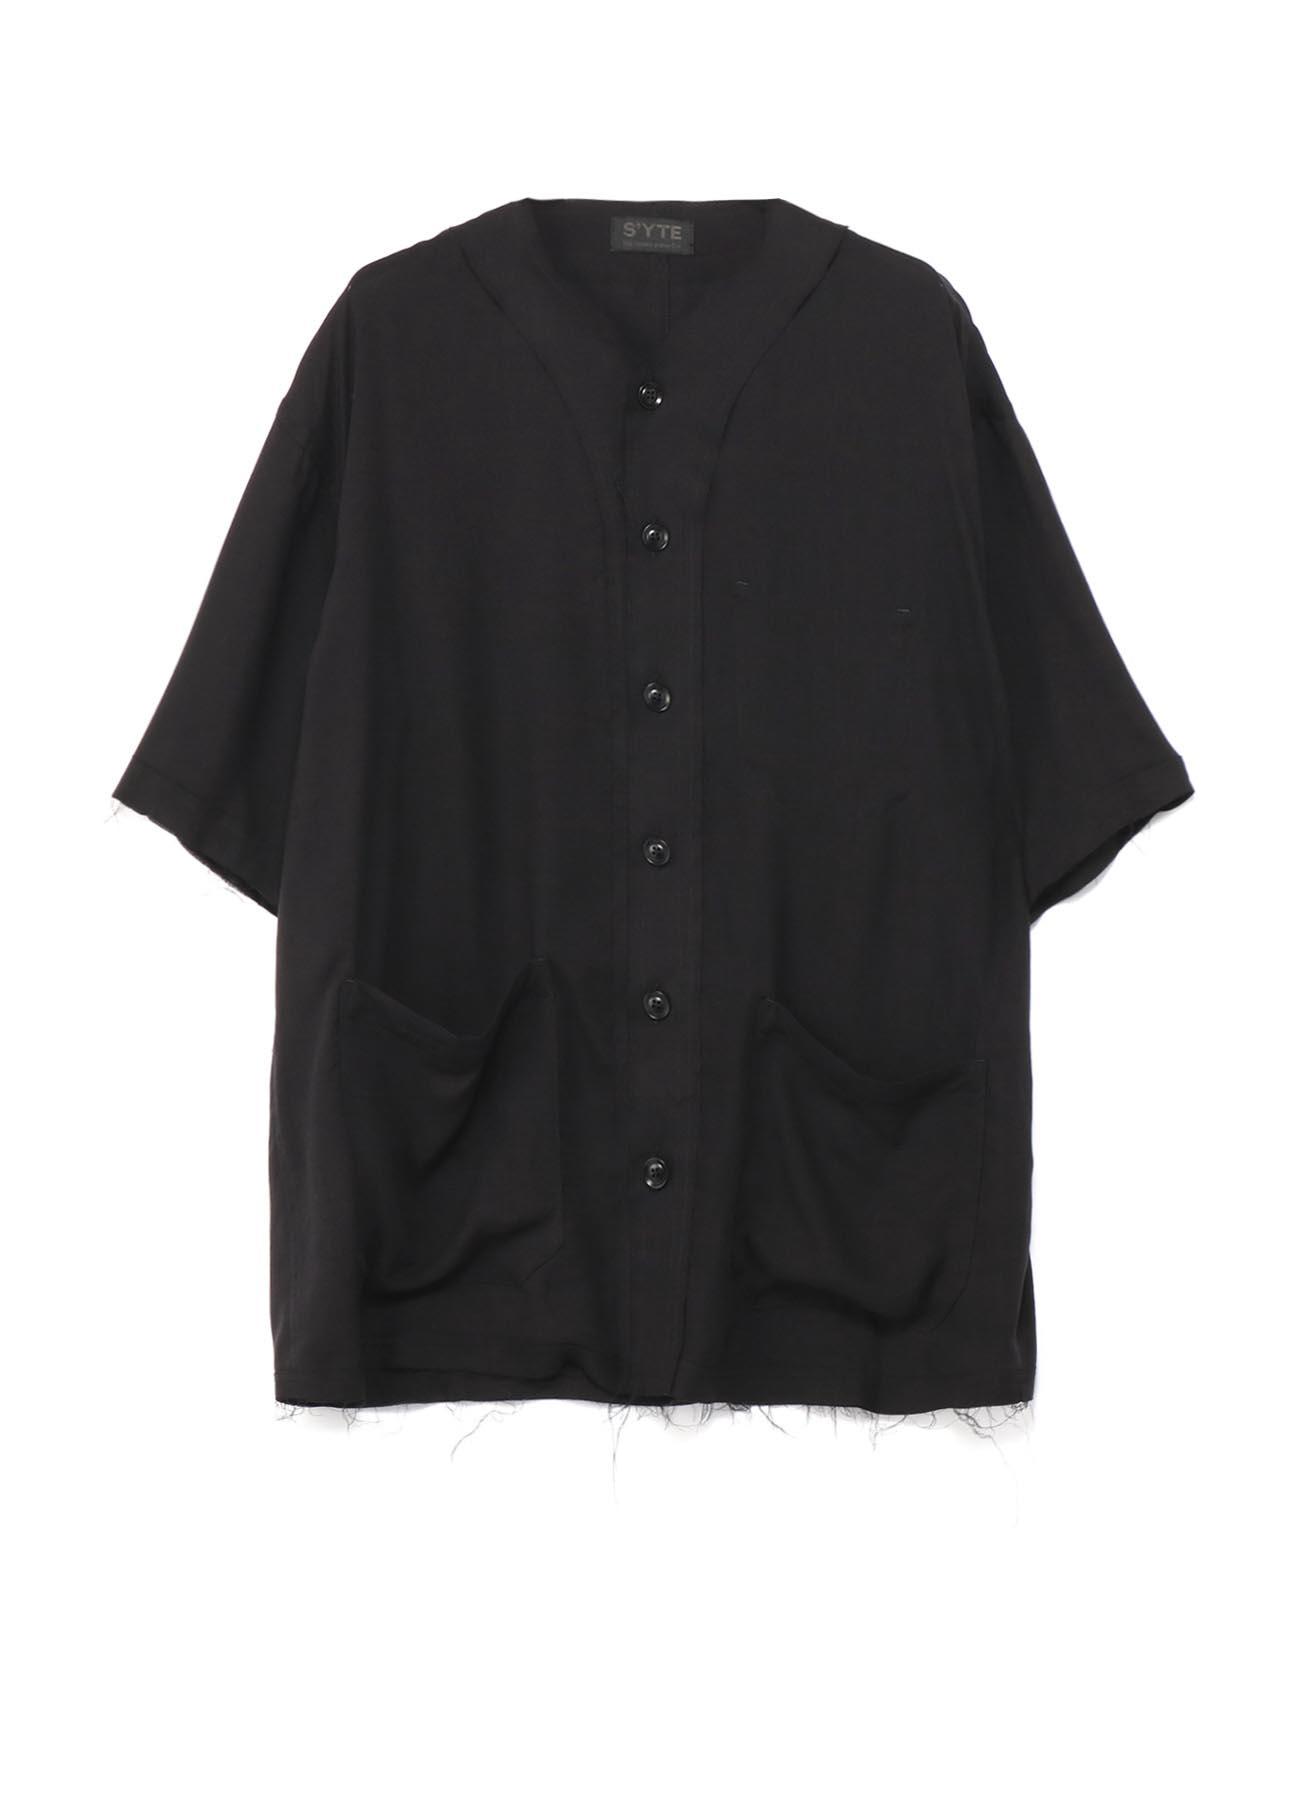 天丝棒球衬衫型夹克